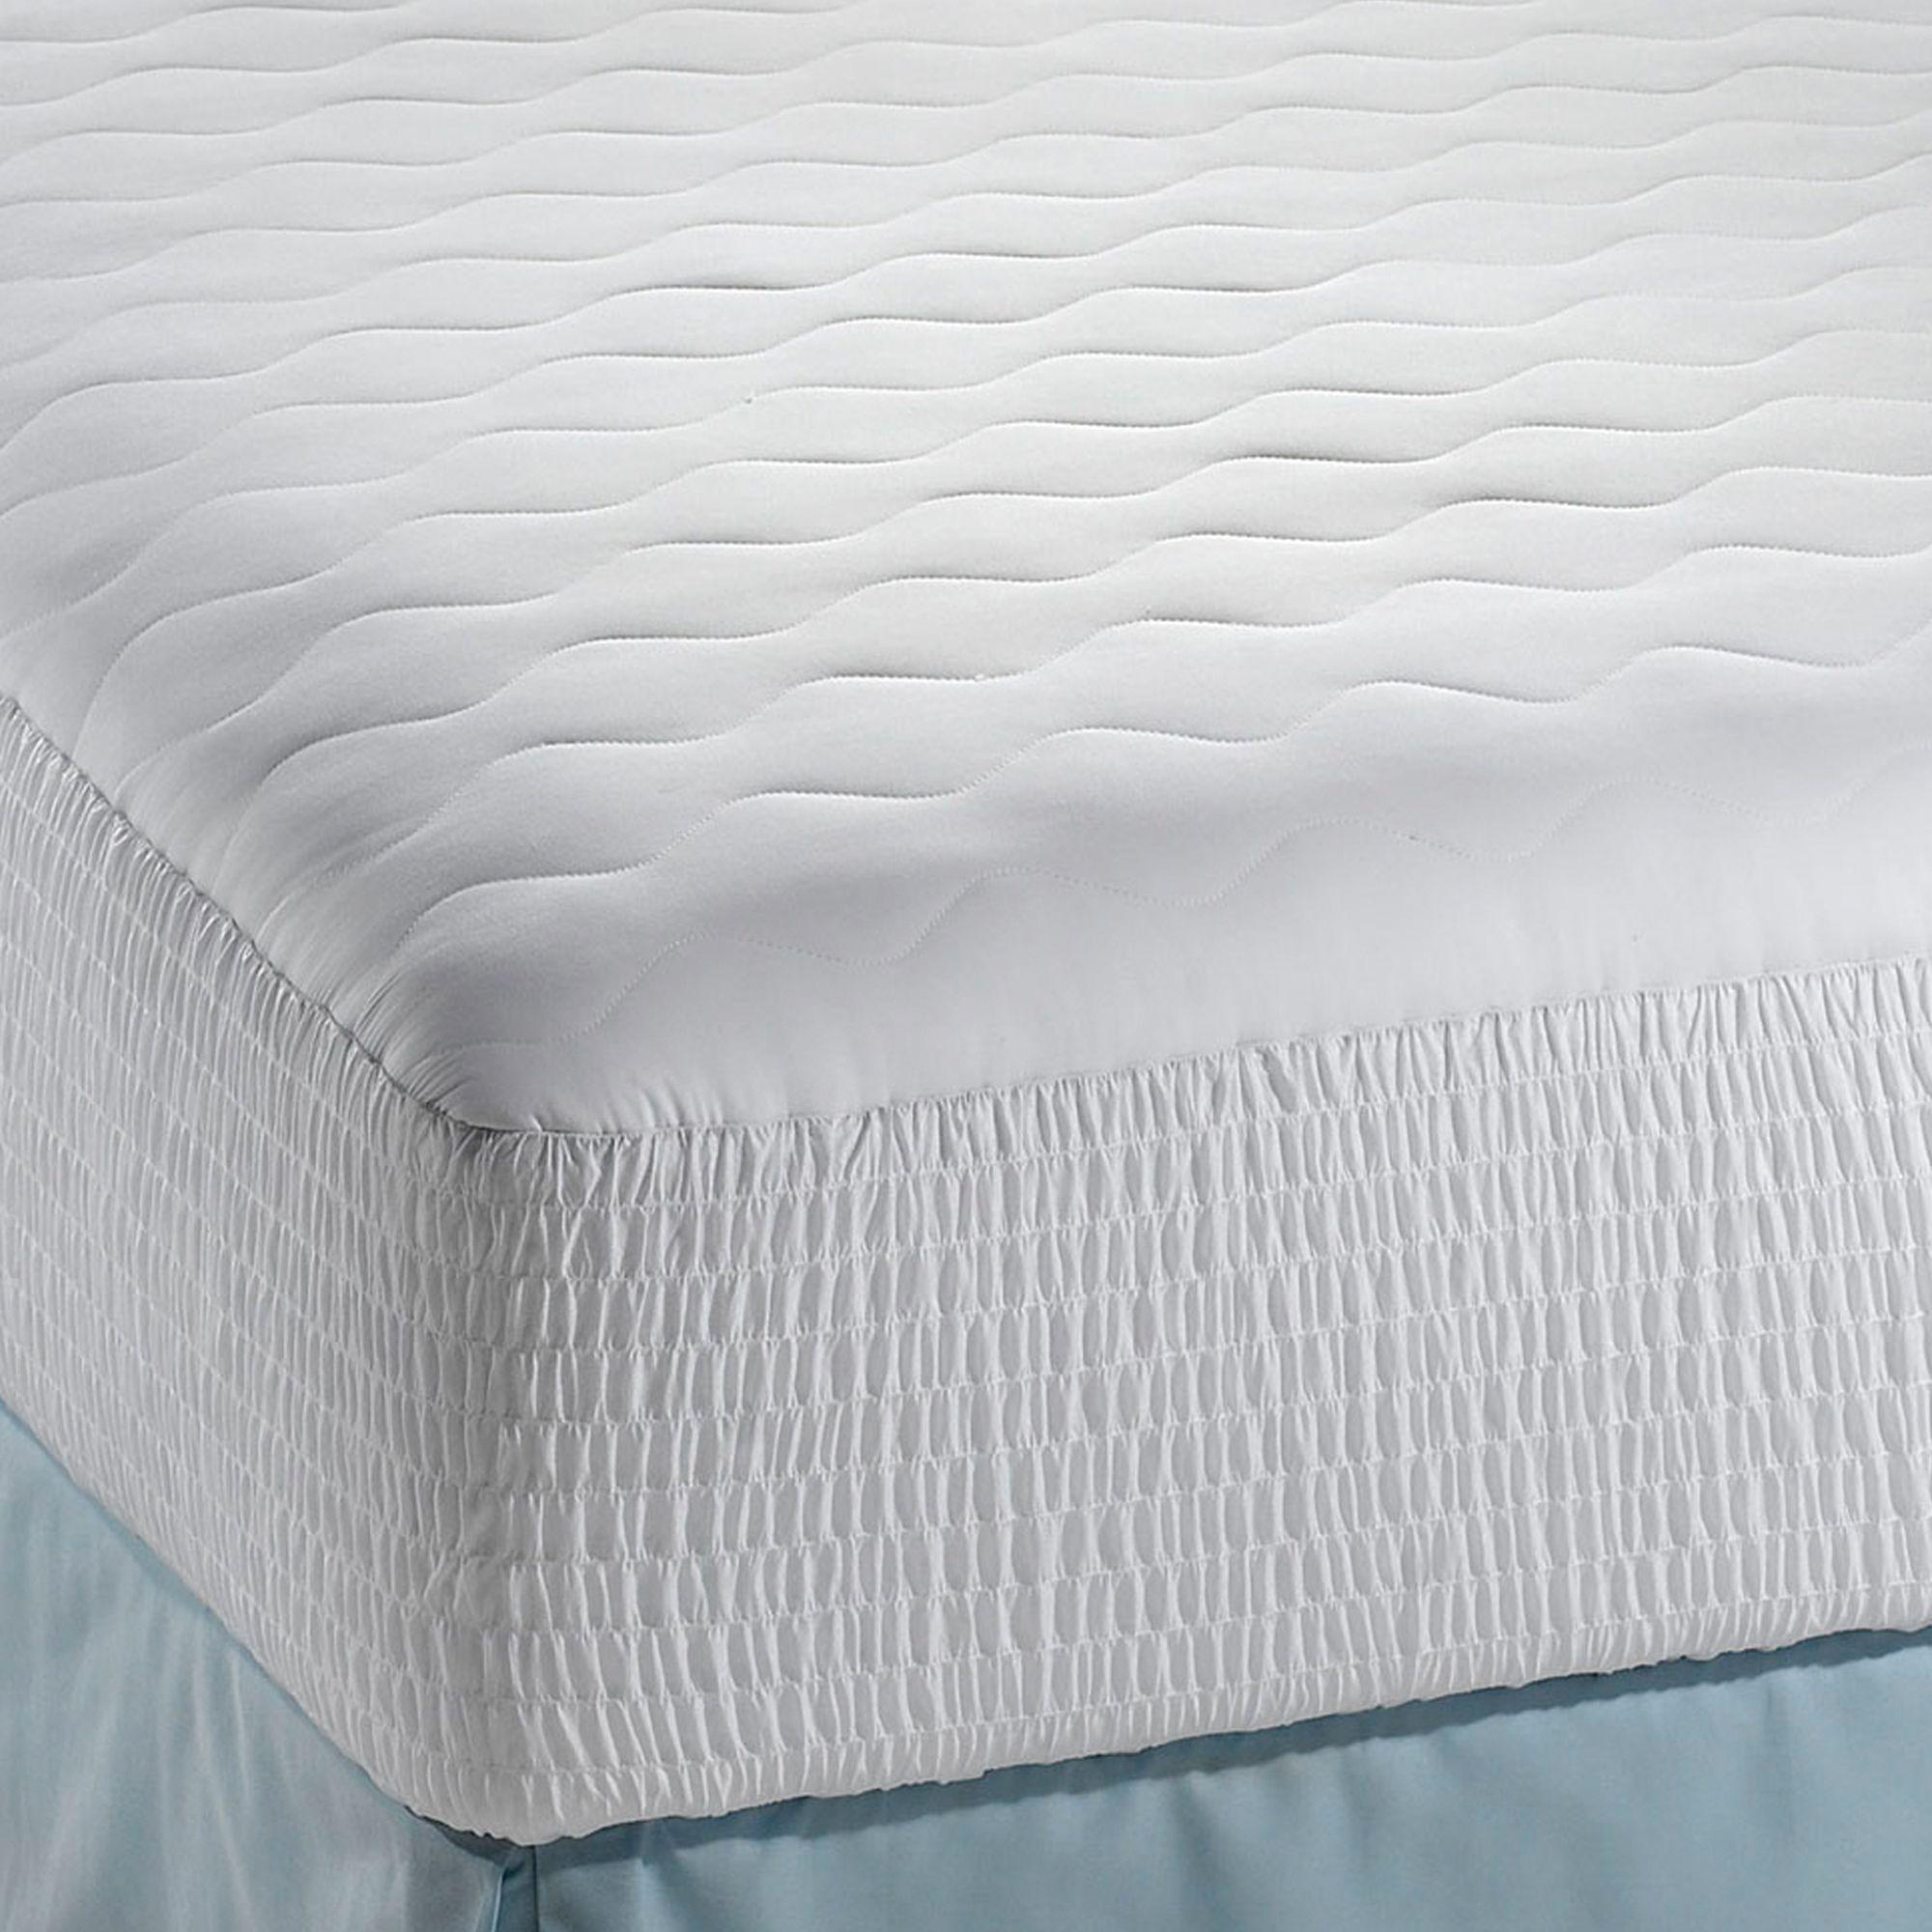 Beautyrest 200tc Cotton Top Queen Size High Loft 15